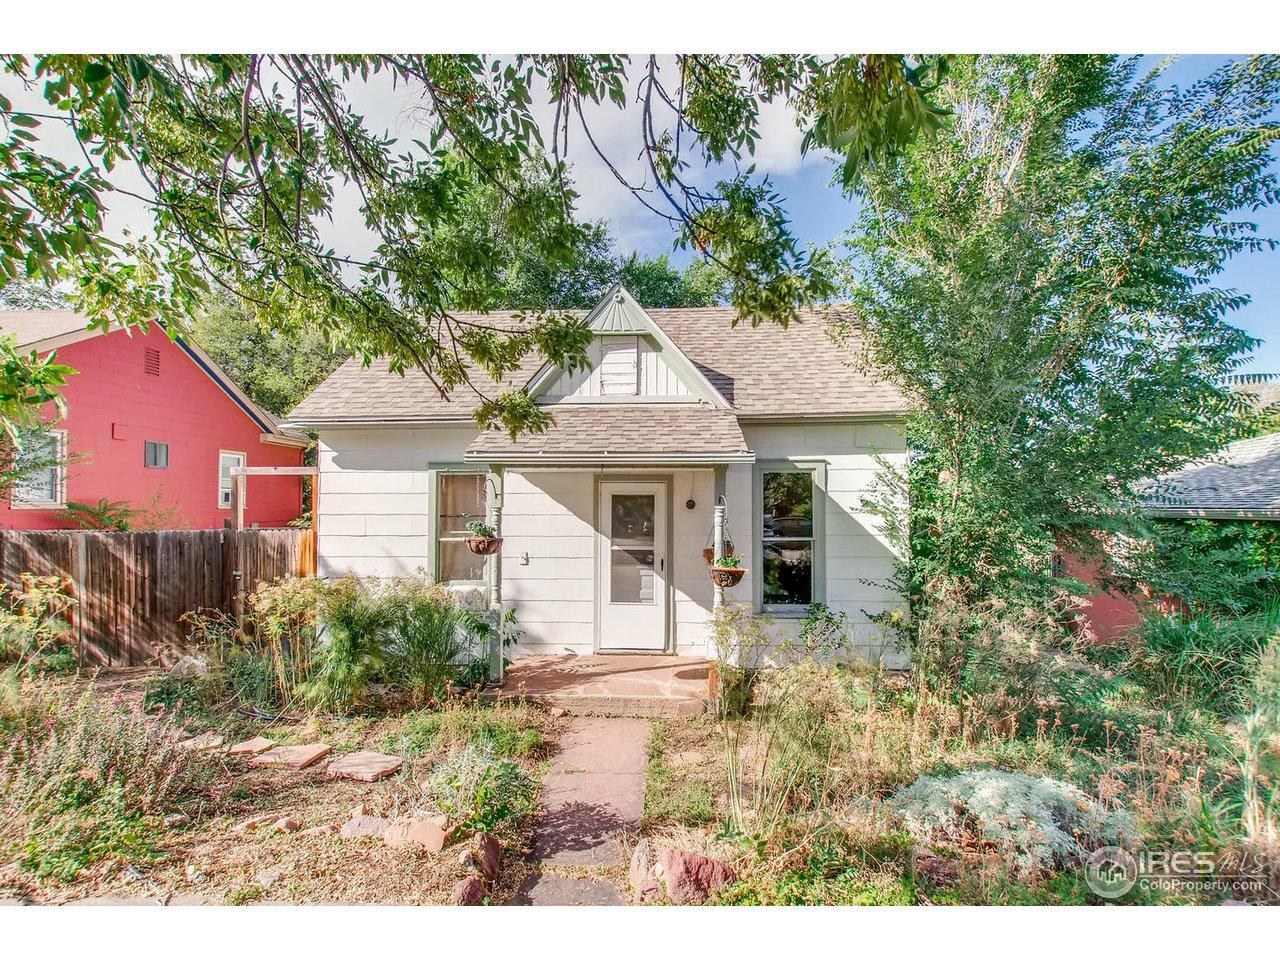 625 University Ave, Boulder CO 80302